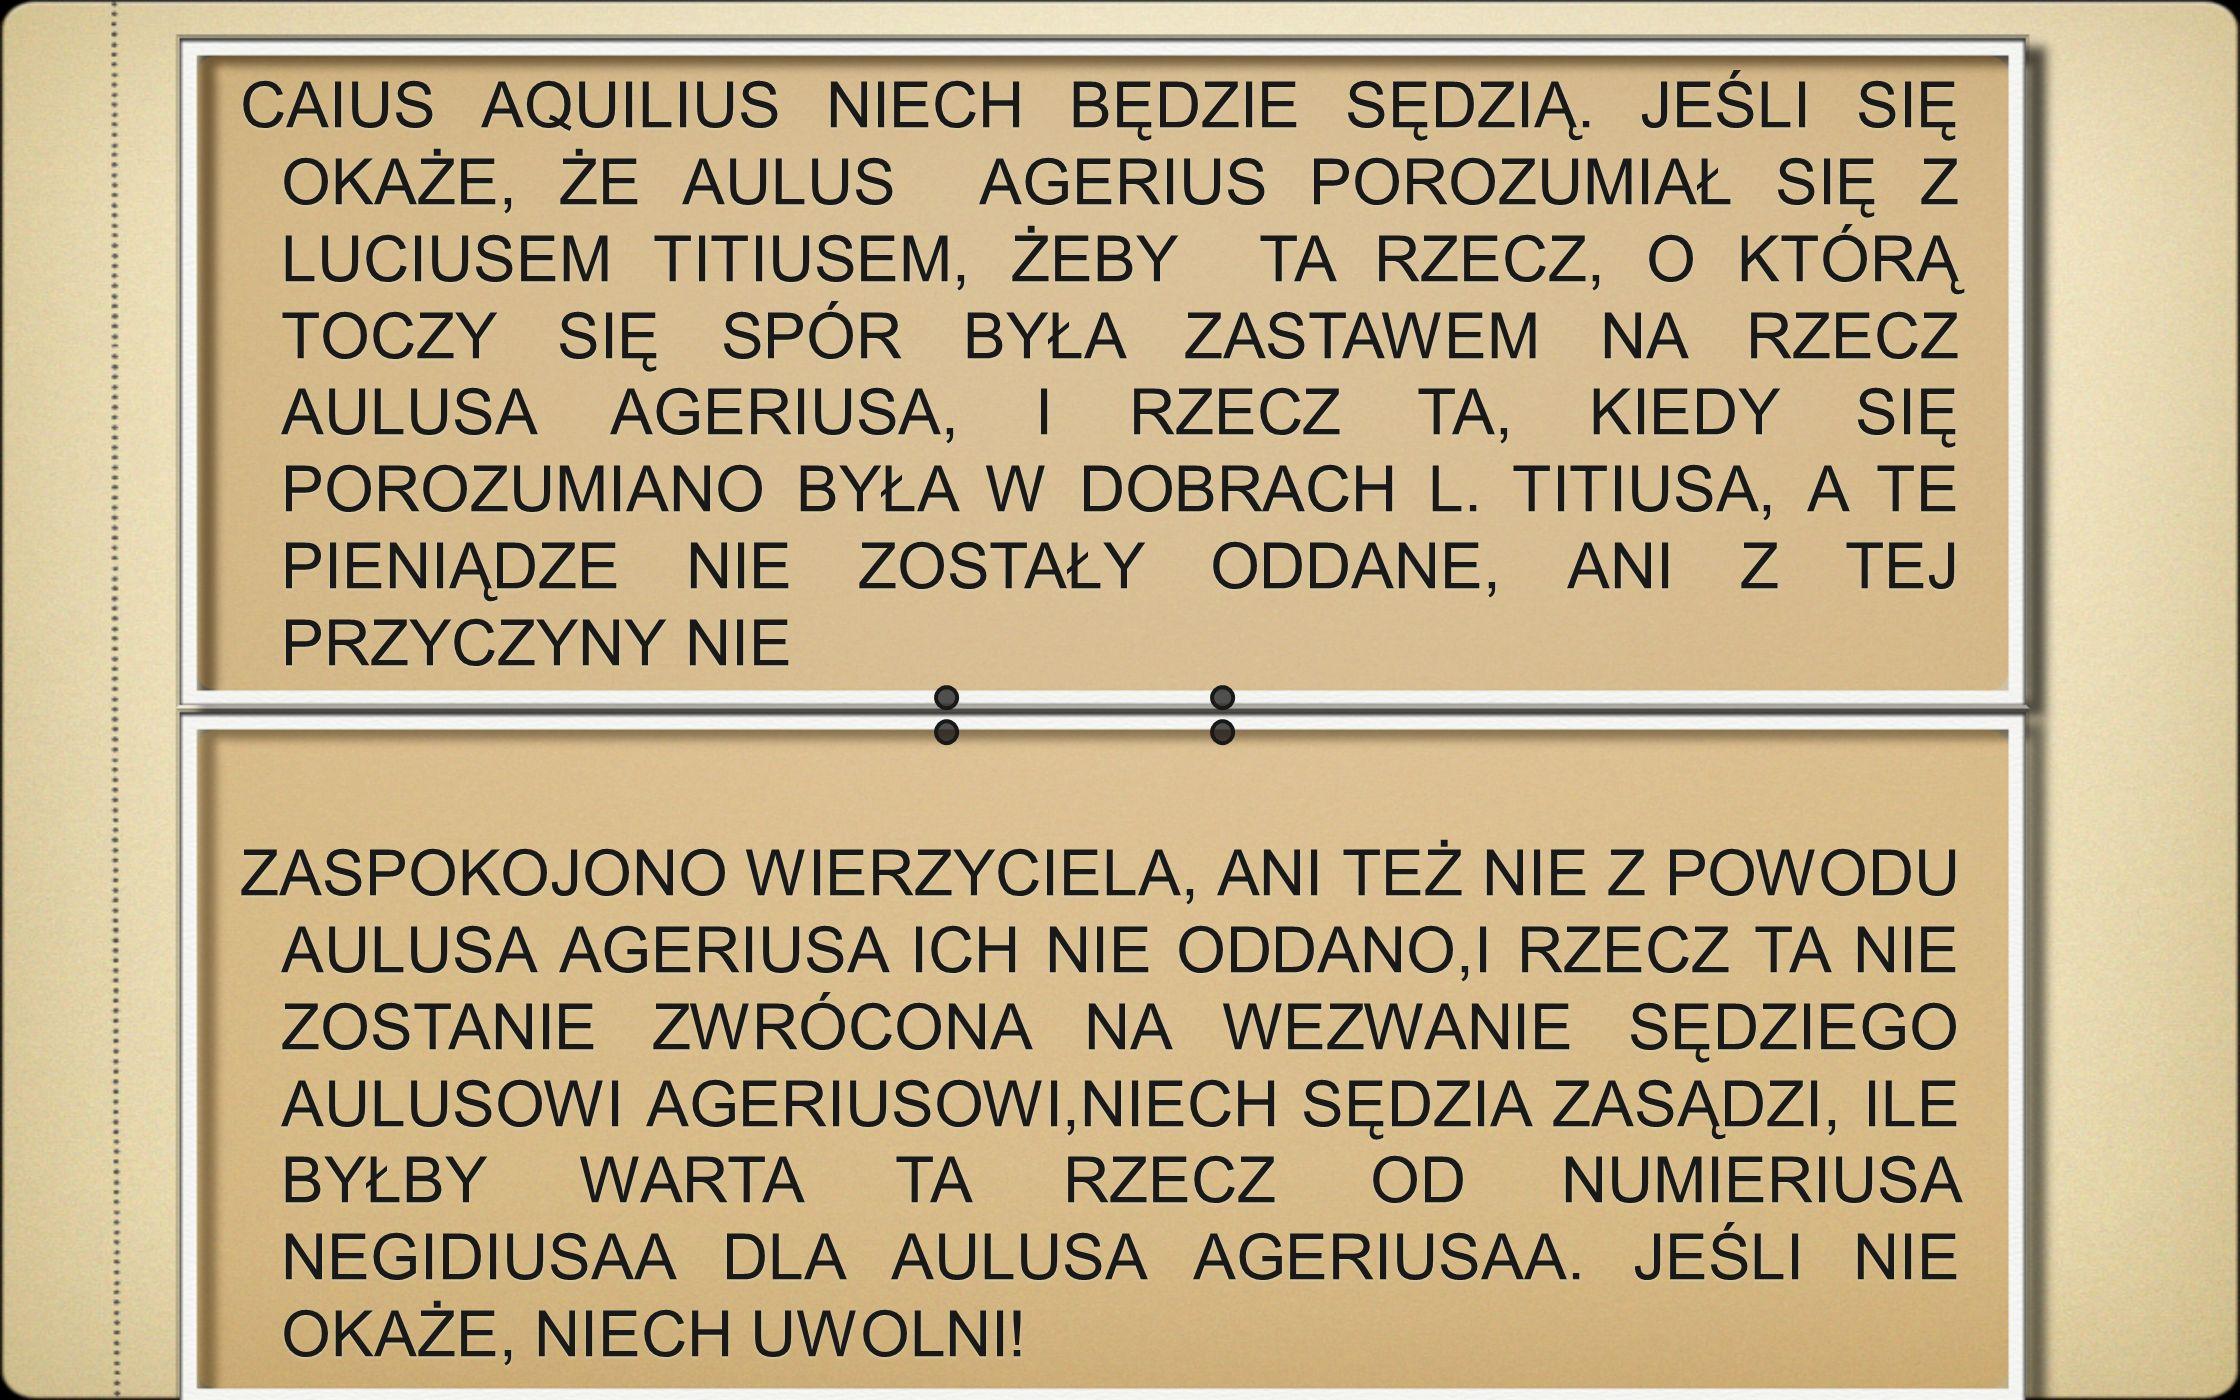 CAIUS AQUILIUS NIECH BĘDZIE SĘDZIĄ